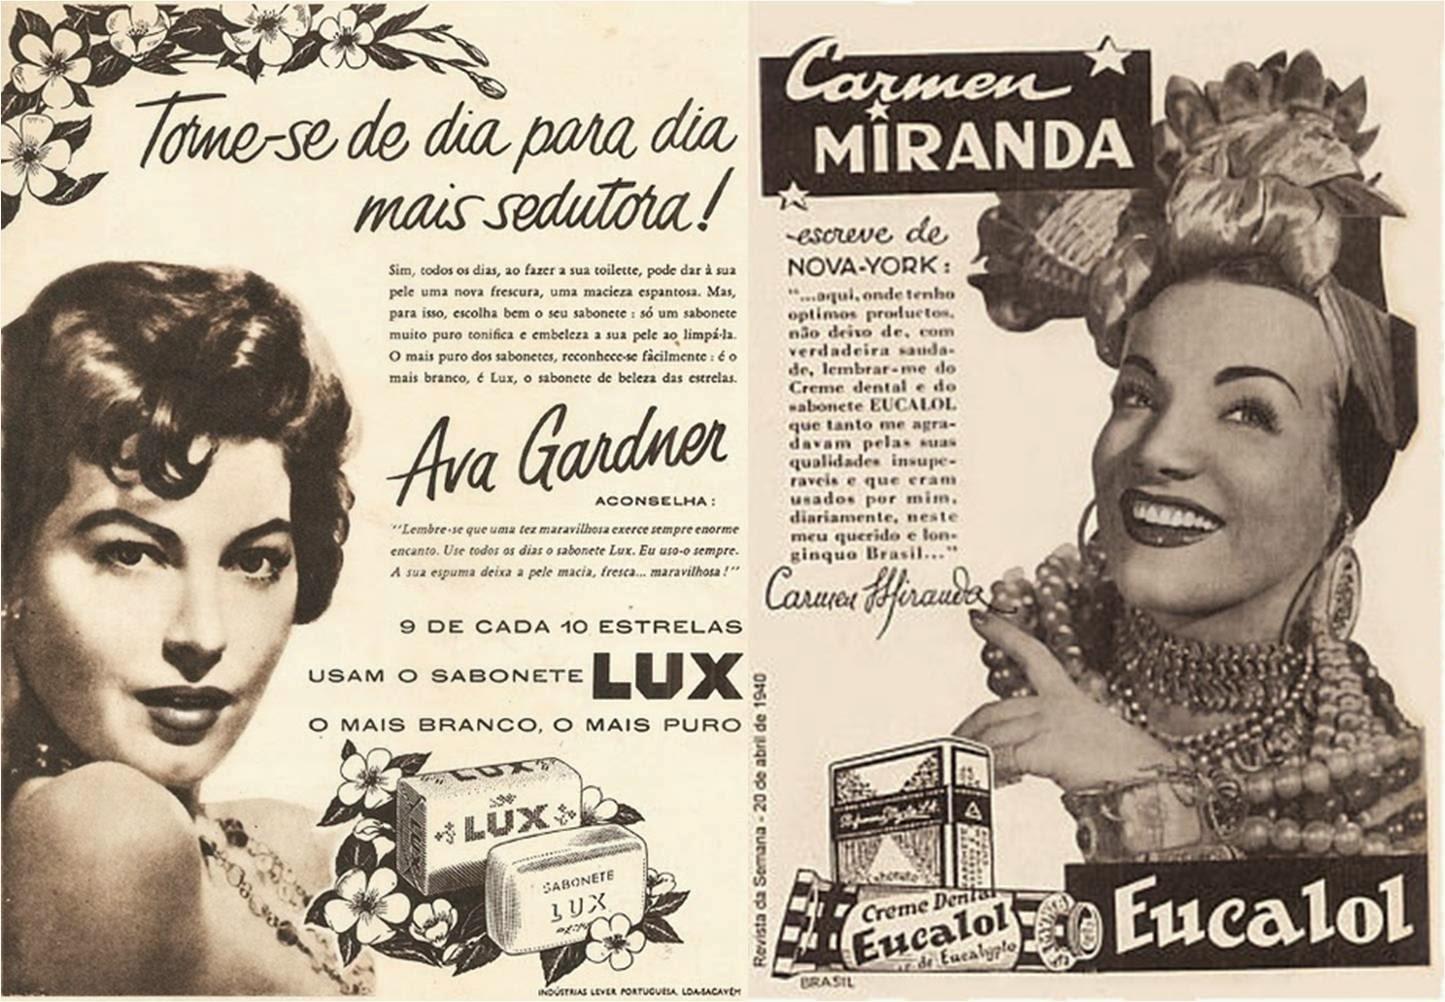 Bem nós já sabemos que o termo surgiu nos anos 40 para definir as garotas  do calendário que tinham uma imagem mais atraente. Quem quiser entender  melhor dbadbfeeb93